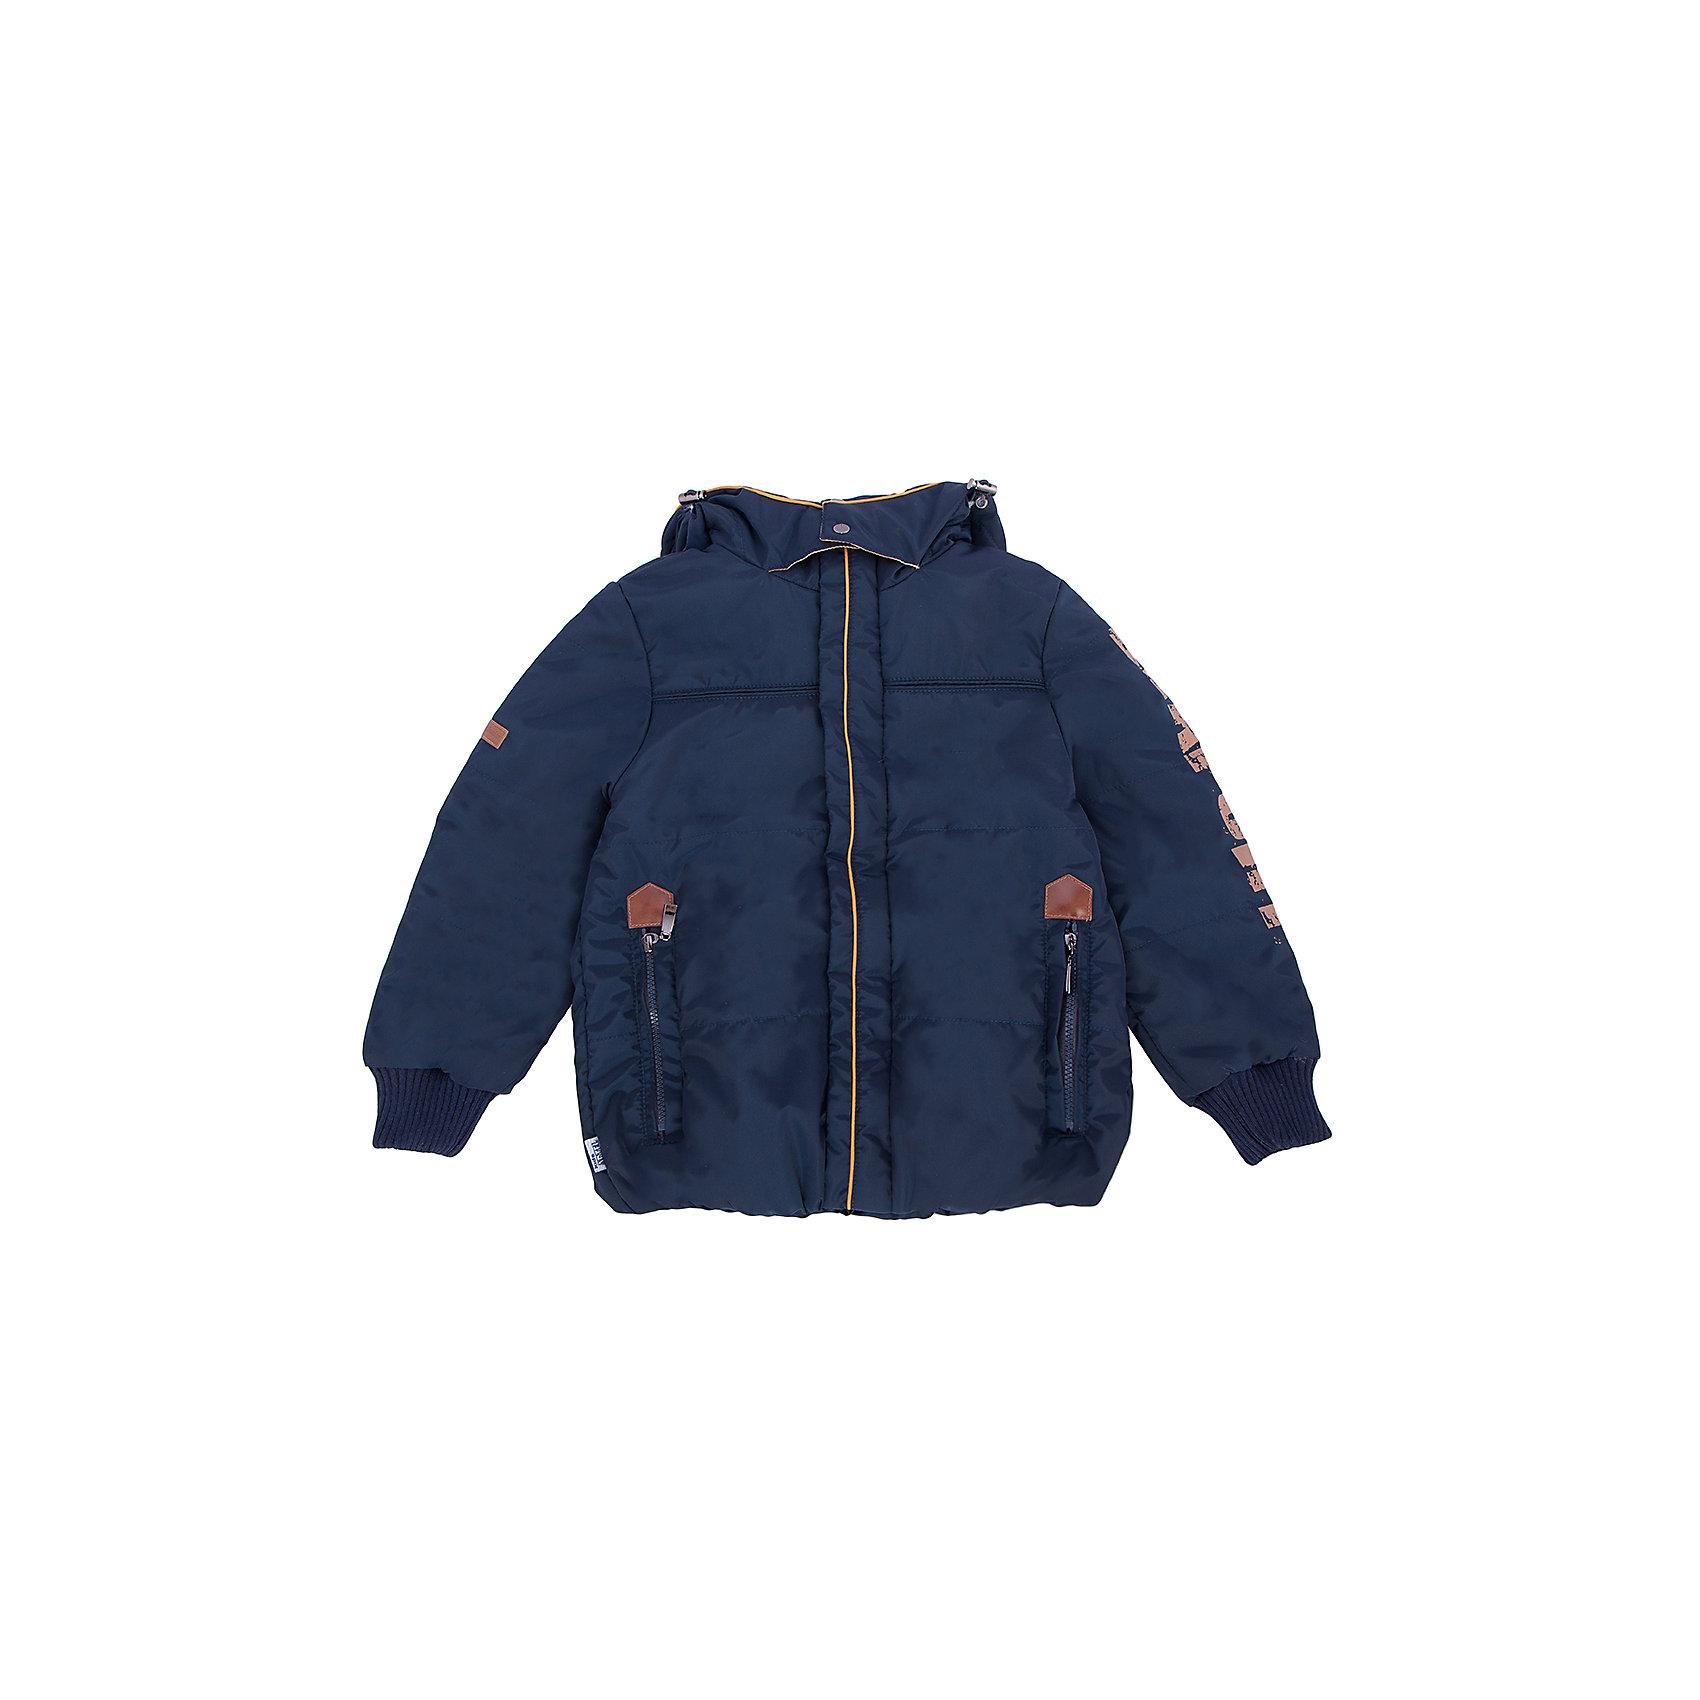 Куртка для мальчика АртельВерхняя одежда<br>Куртка для мальчика от торговой марки Артель &#13;<br>&#13;<br>Модная утепленная куртка позволит ребенку чувствовать себя комфортно даже в холодную погоду. Сделана она из качественных материалов, поэтому может прослужить не один сезон. Практичная и удобная вещь.<br>Одежда от бренда Артель – это высокое качество по приемлемой цене и всегда продуманный дизайн. &#13;<br>&#13;<br>Особенности модели: &#13;<br>- цвет - синий;&#13;<br>- наличие карманов;&#13;<br>- капюшон;<br>- утеплитель;&#13;<br>- украшена принтом;&#13;<br>- застежка-молния.&#13;<br>&#13;<br>Дополнительная информация:&#13;<br>&#13;<br>Состав: &#13;<br>- верх: DEWSPO;<br>- подкладка: тиси;<br>- утеплитель: термофайбер 100 г<br>&#13;<br>Температурный режим: &#13;<br>от - 10 °C до + 10 °C&#13;<br>&#13;<br>Куртка для мальчика Артель (Artel) можно купить в нашем магазине.<br><br>Ширина мм: 356<br>Глубина мм: 10<br>Высота мм: 245<br>Вес г: 519<br>Цвет: синий<br>Возраст от месяцев: 120<br>Возраст до месяцев: 132<br>Пол: Мужской<br>Возраст: Детский<br>Размер: 146,134,140,128<br>SKU: 4496059